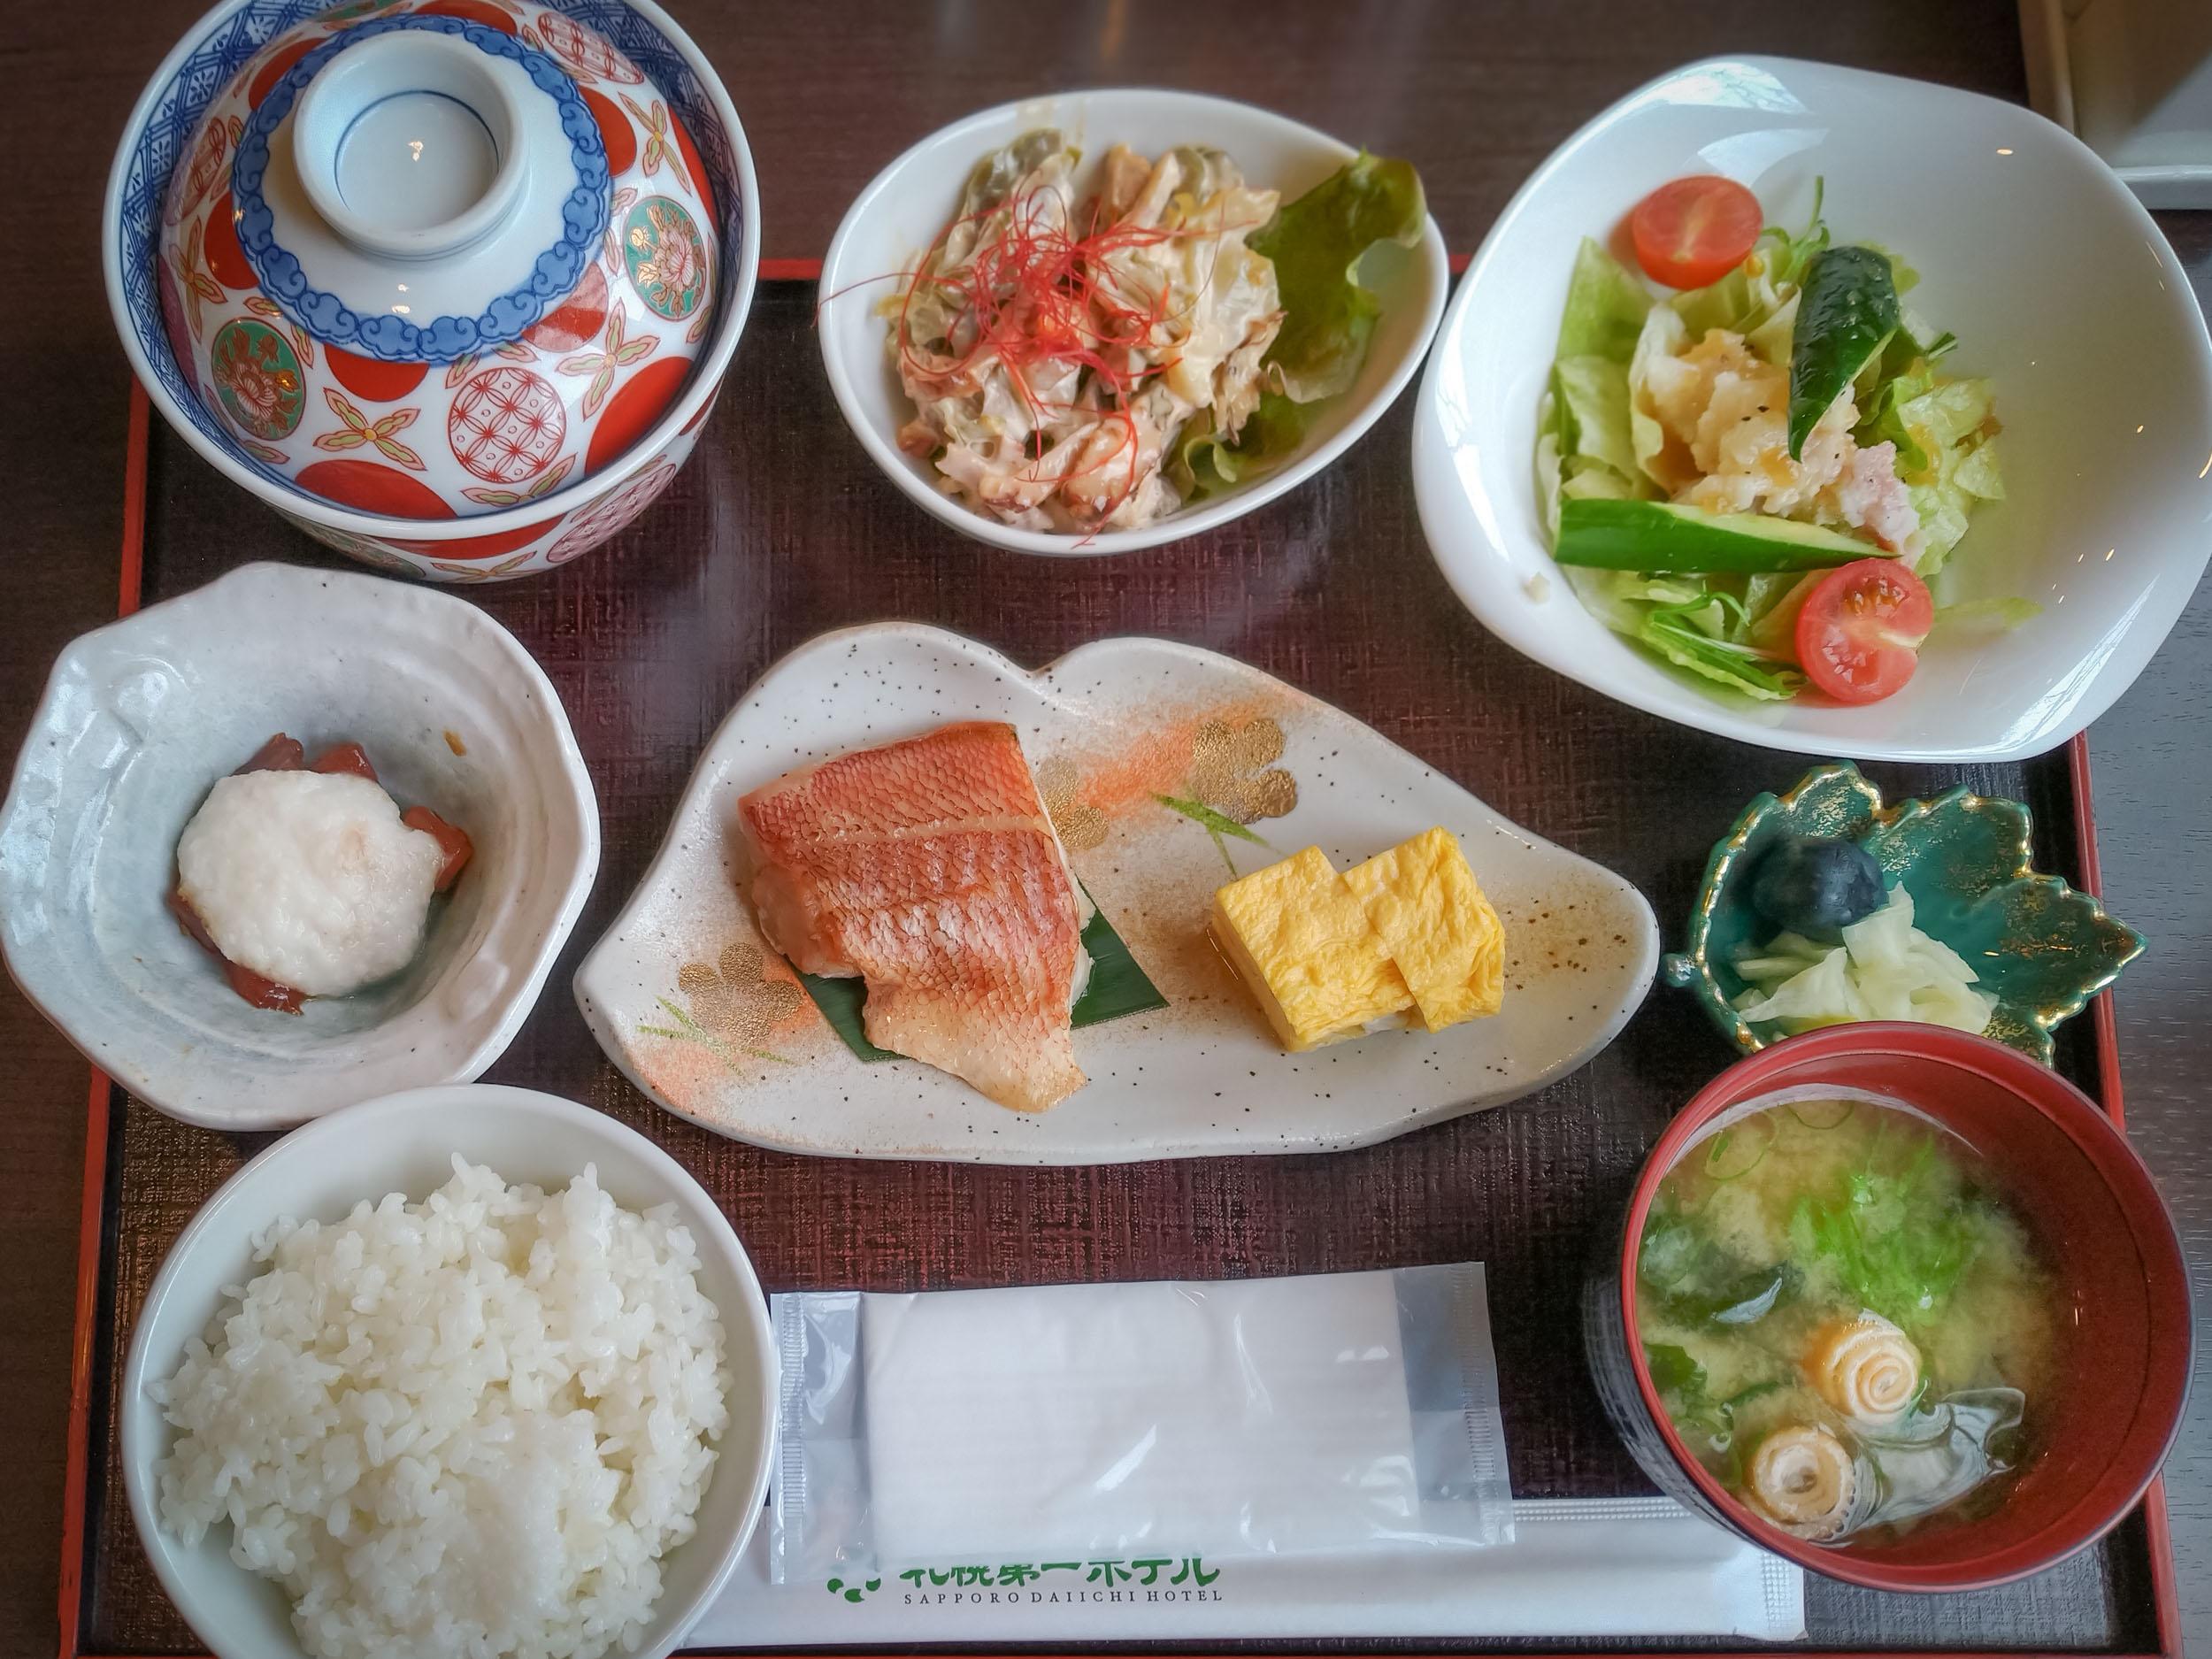 札幌第一ホテル一日目の朝食 DMC-GX8 + LEICA DG 12-60mm